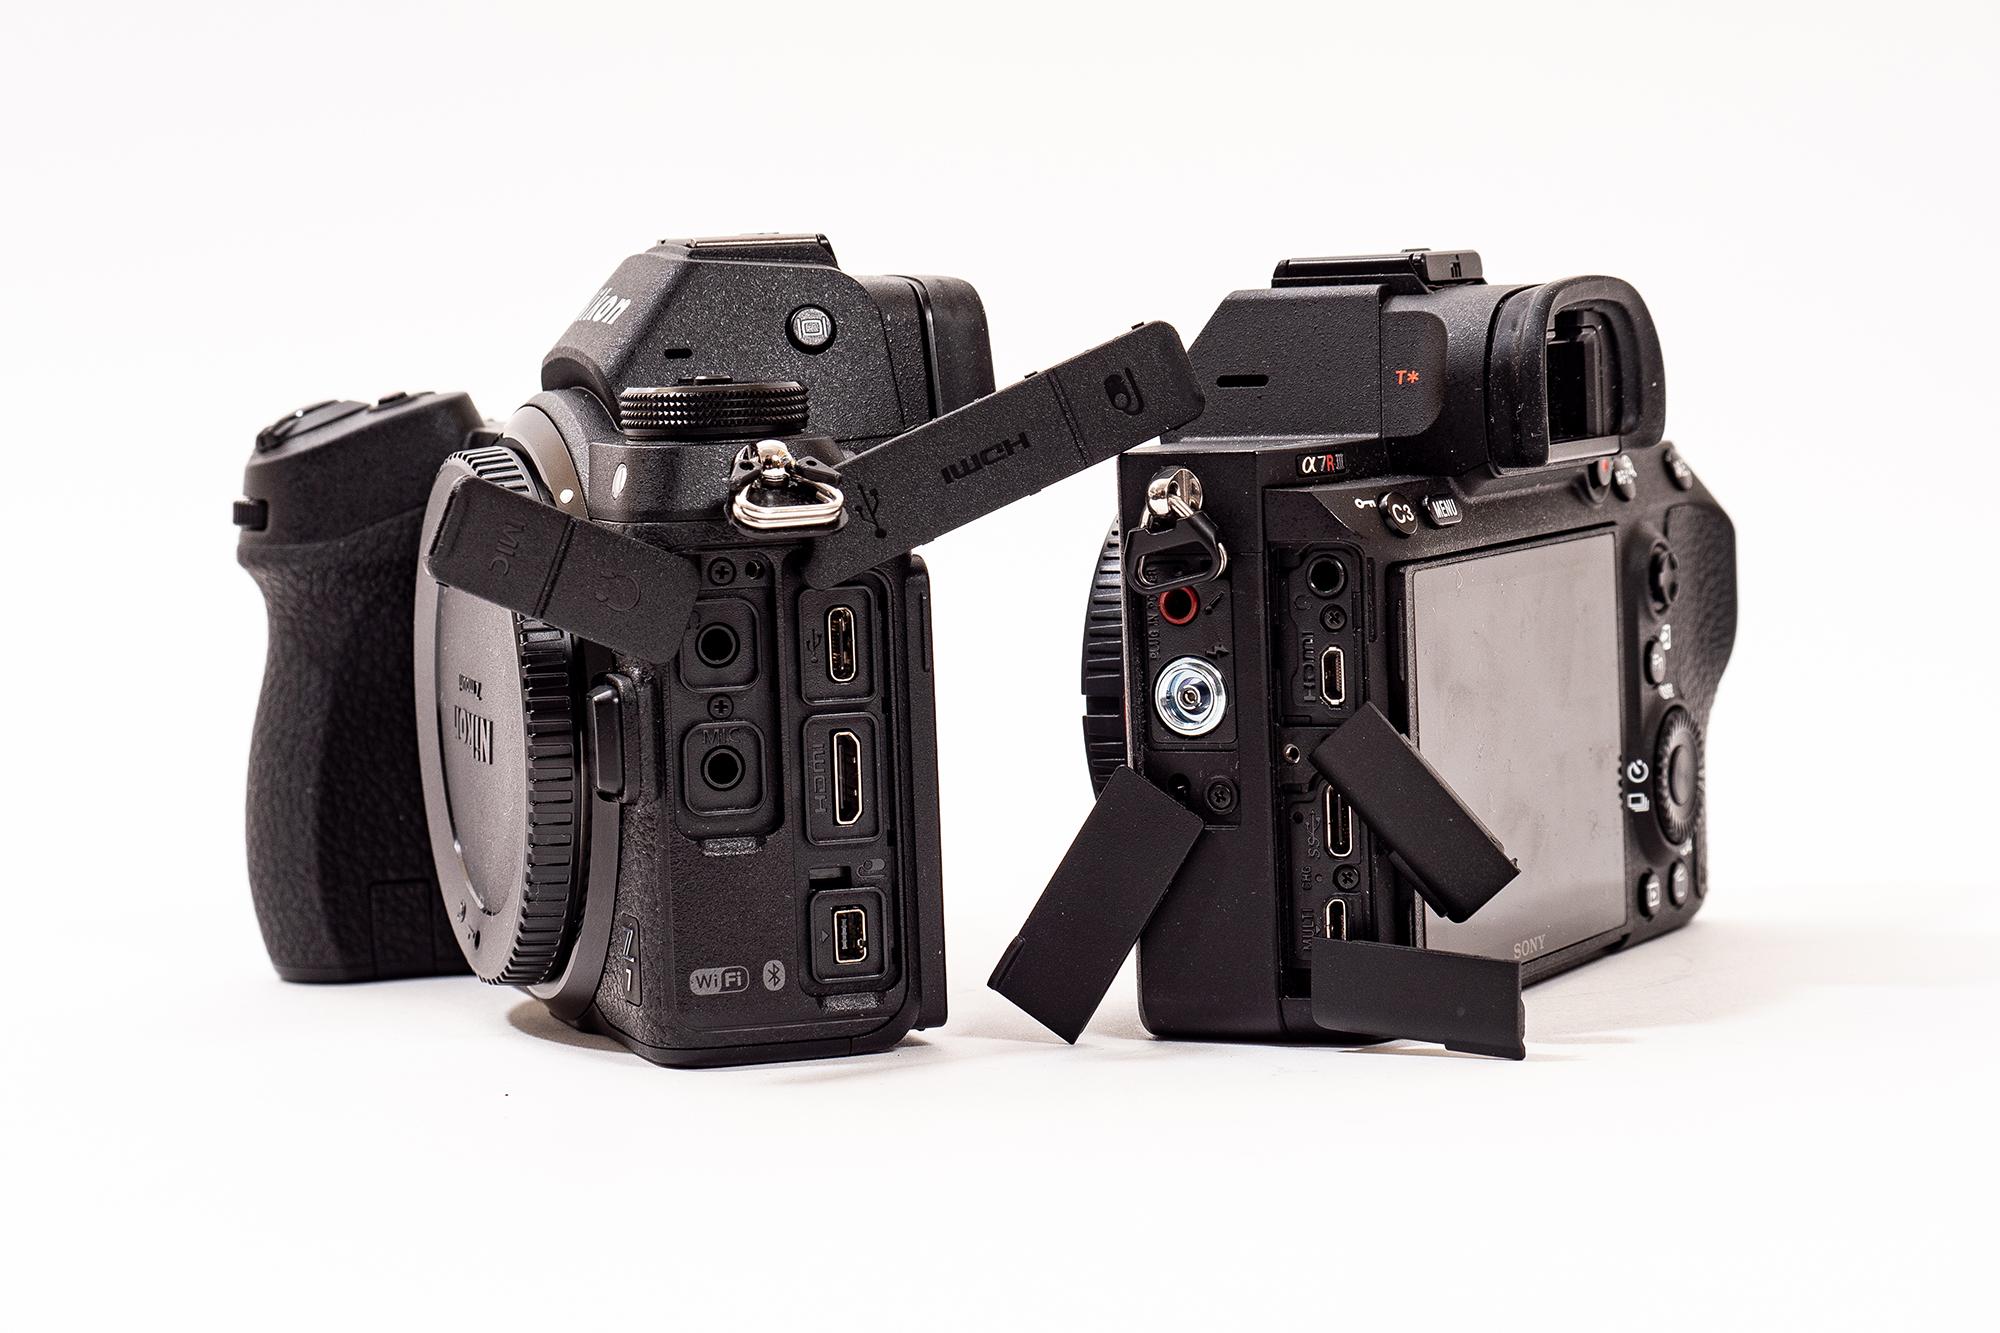 Kamerorna har många portar. De gemensamma är ljud in (mikrofon) och ut (hörlur) och USB-C. Sony A7R III har dessutom HDMI-mikroanslutning (typ D), USB micro (kameran kan drivas med ström från vardera en av de olika USB-ingångarna), blixtsynk-terminal och inte minst blixtsko med kontakter för många olika tillbehör från Sony. Z7 har utöver tidigare nämnda kontakter HDMI (typ C) och tillbehörskontakt.